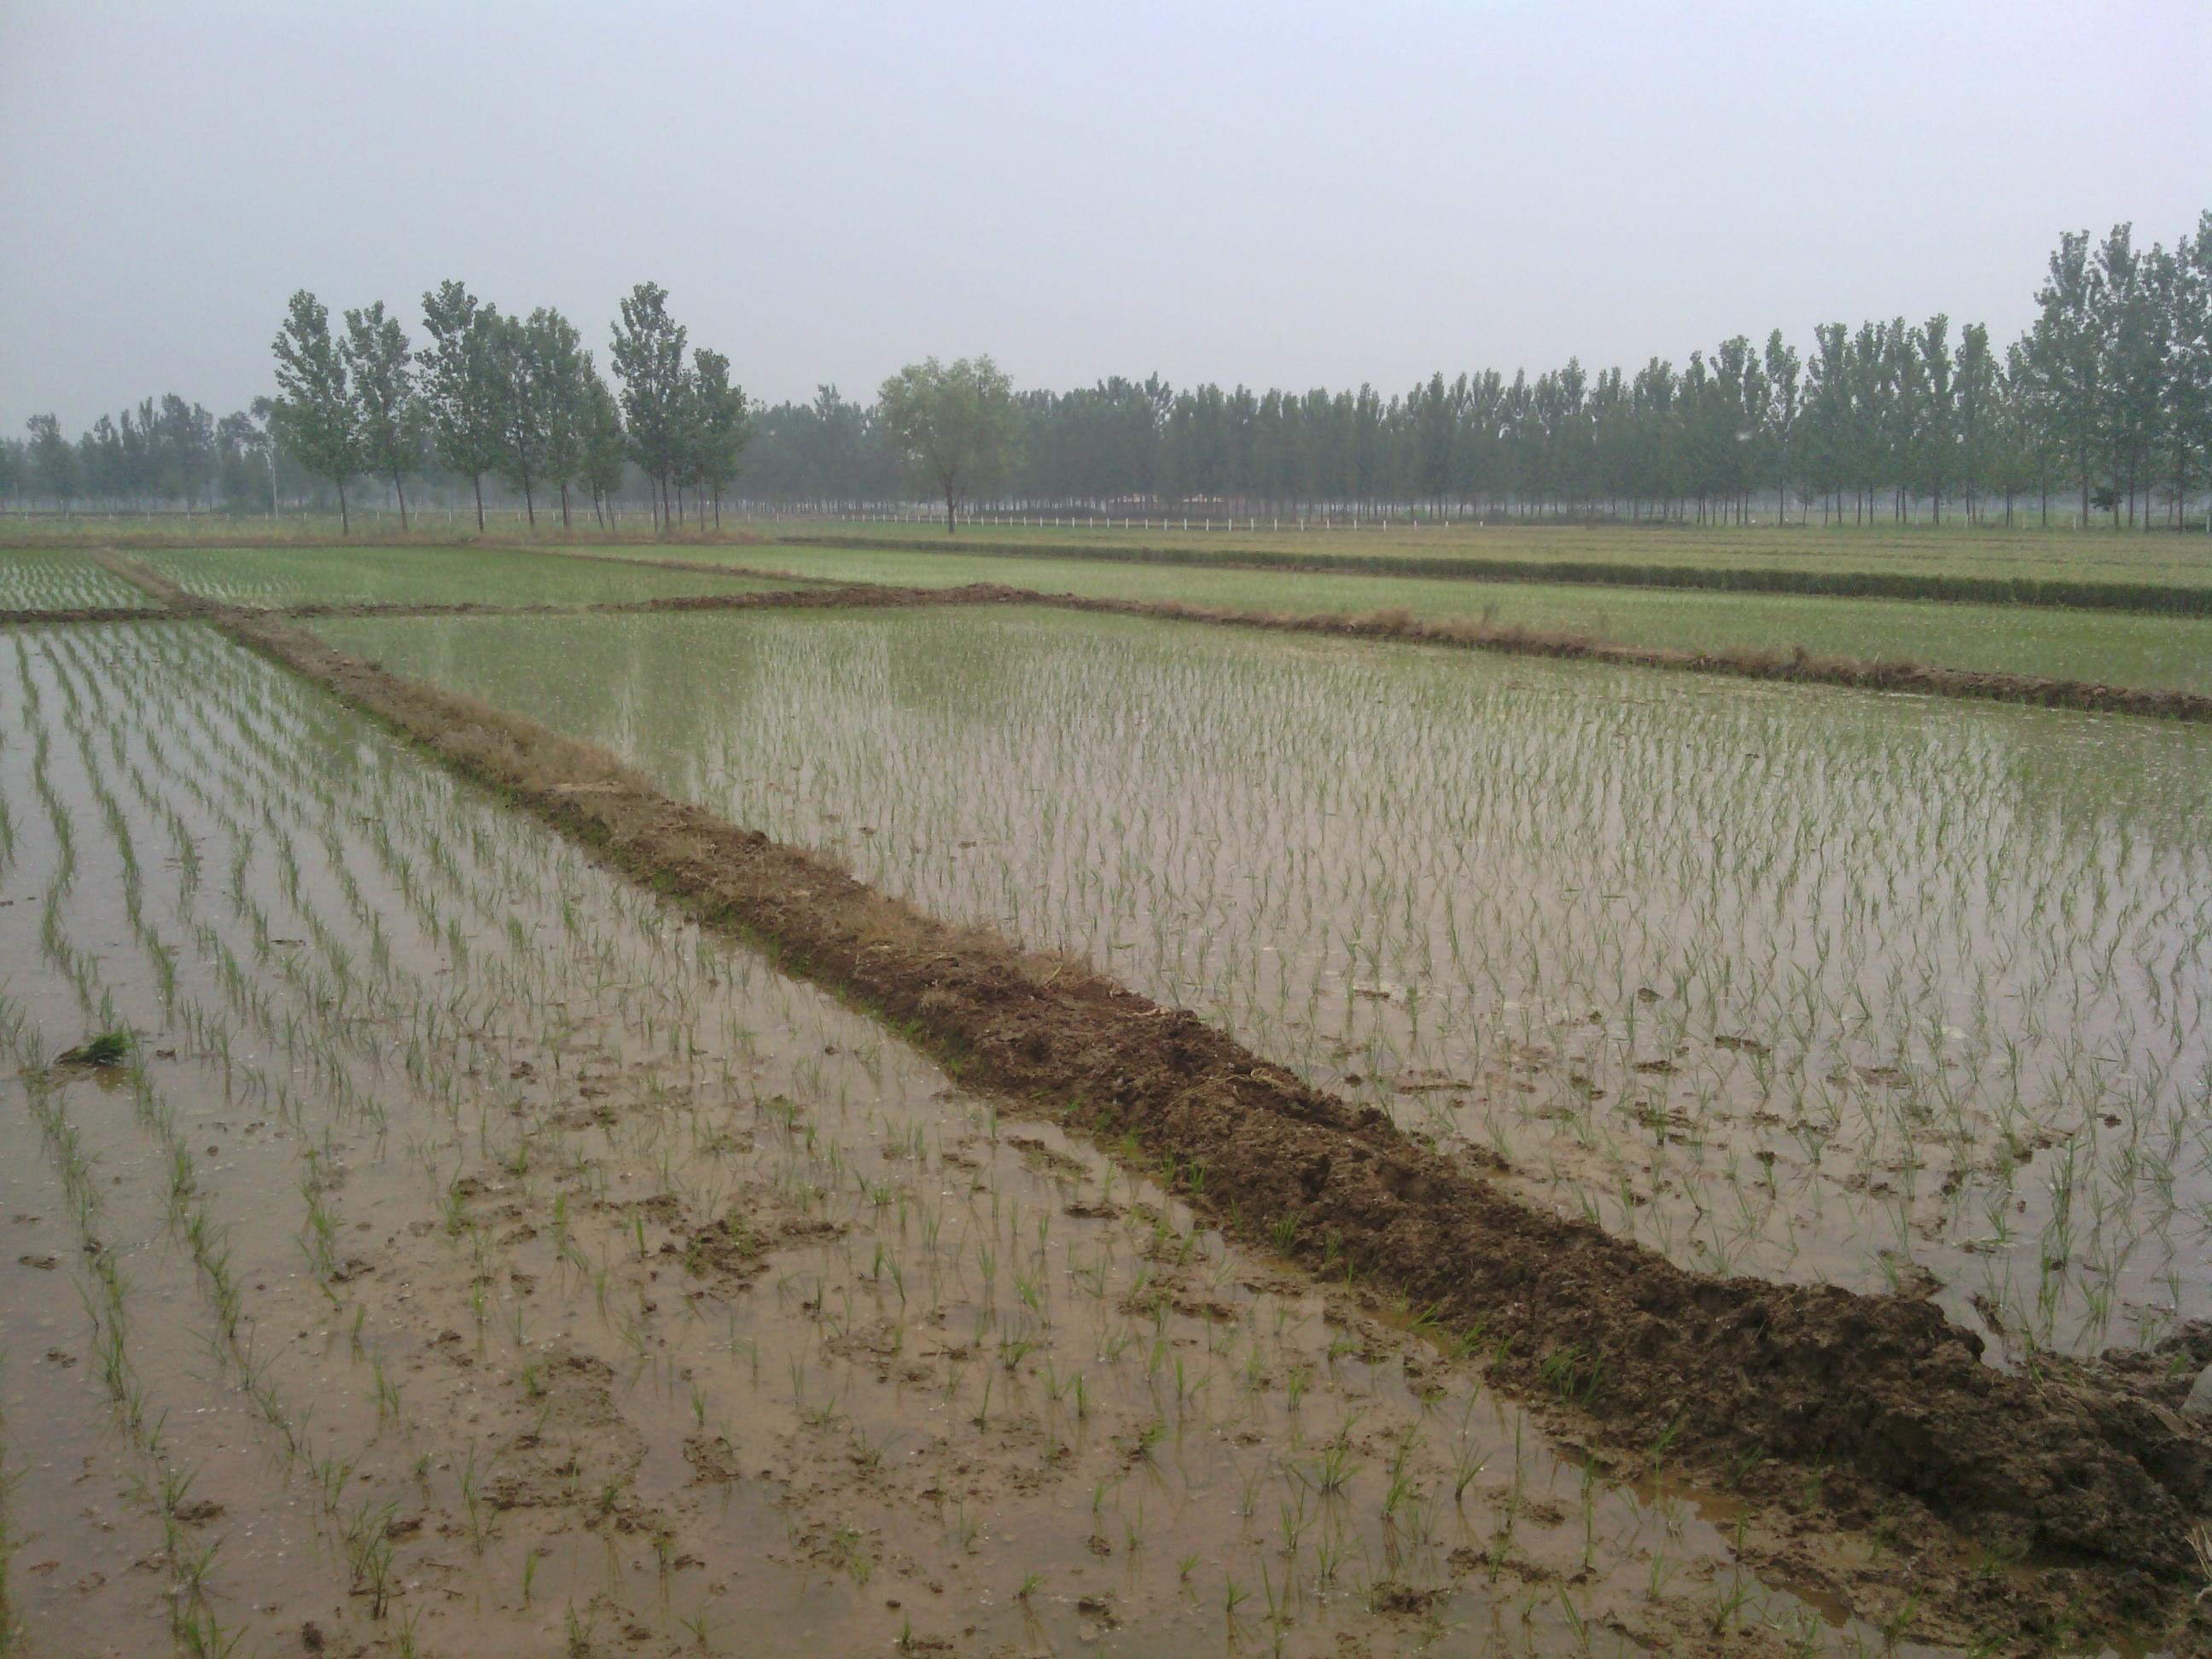 王楼乡稻鸭共作基地水稻插秧工作已展开